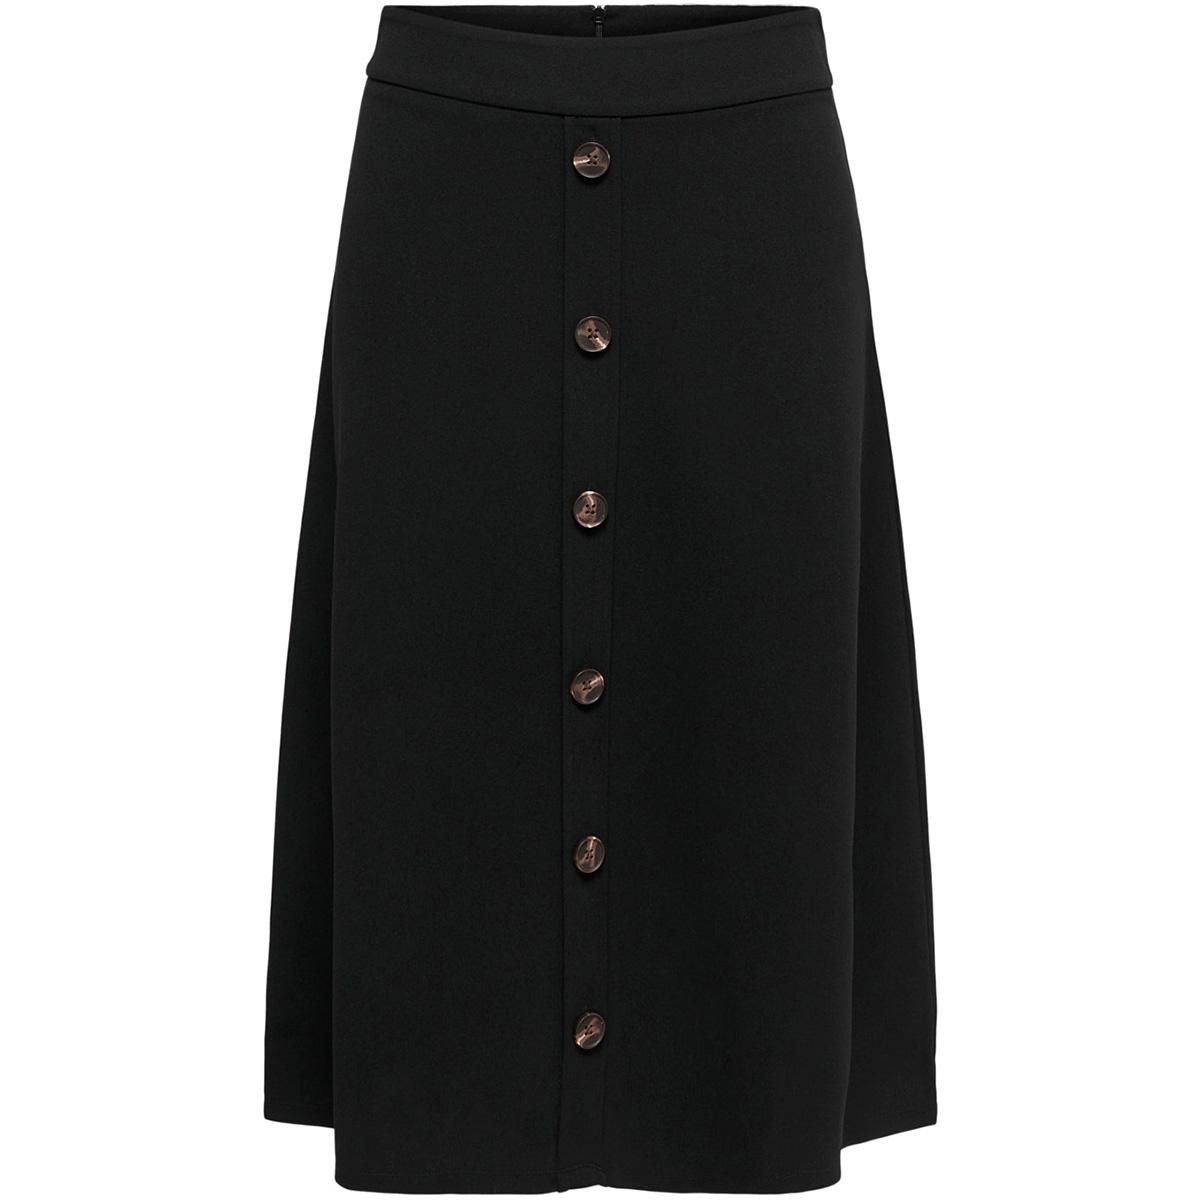 jdybellis button skirt jrs 15179719 jacqueline de yong rok black